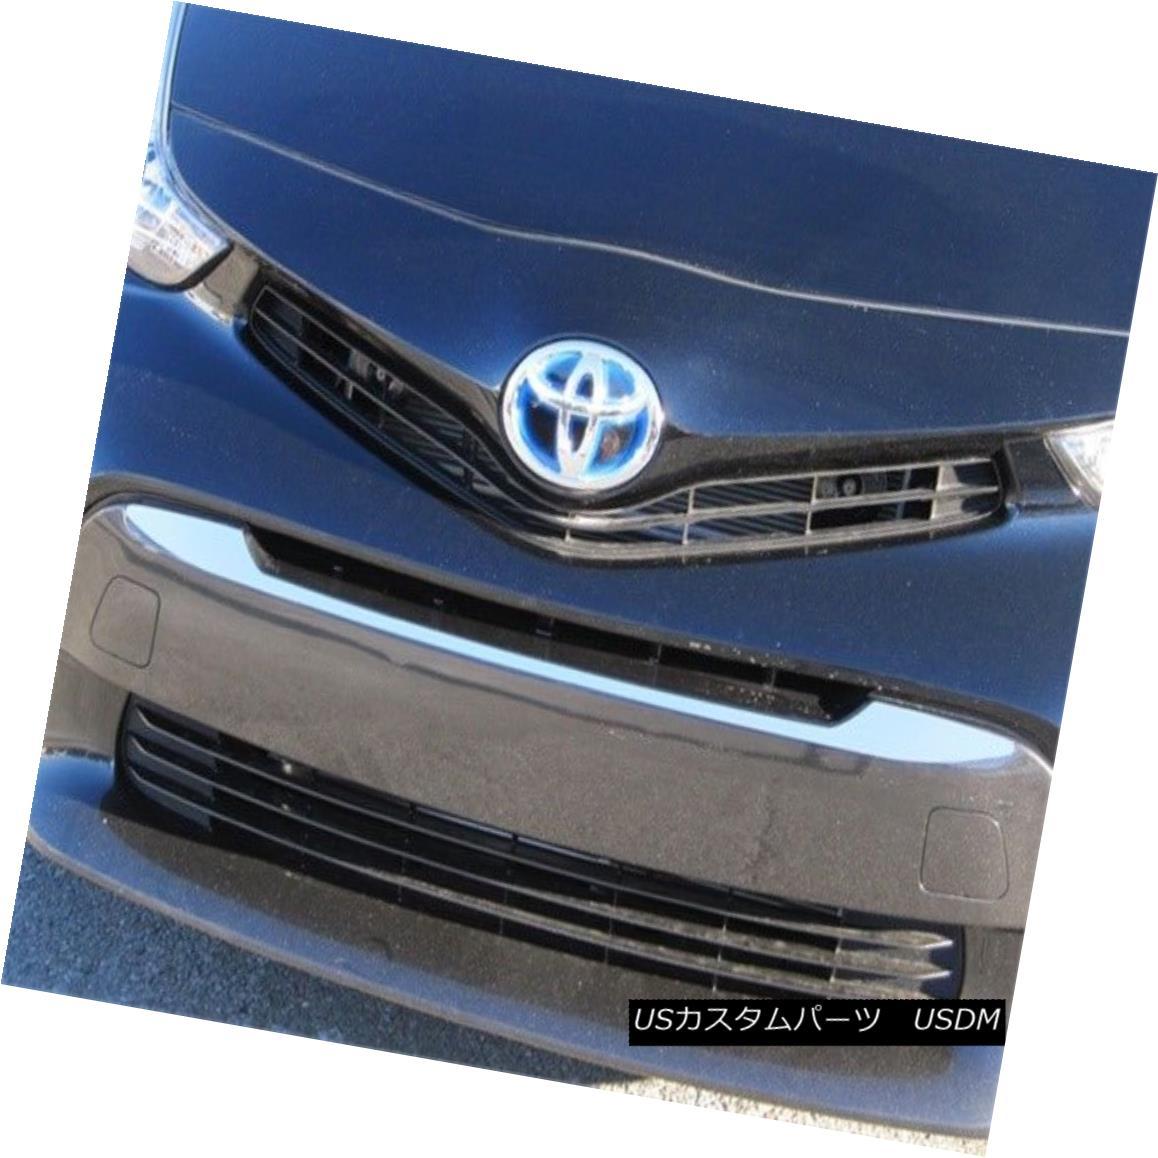 グリル Fits 2012-2017 TOYOTA PRIUS V 4-door, V -Stainless Steel GRILLE ACCENT フィット2012-2017トヨタプリウスV 4ドア、V - ステンレス鋼グリルアクセント